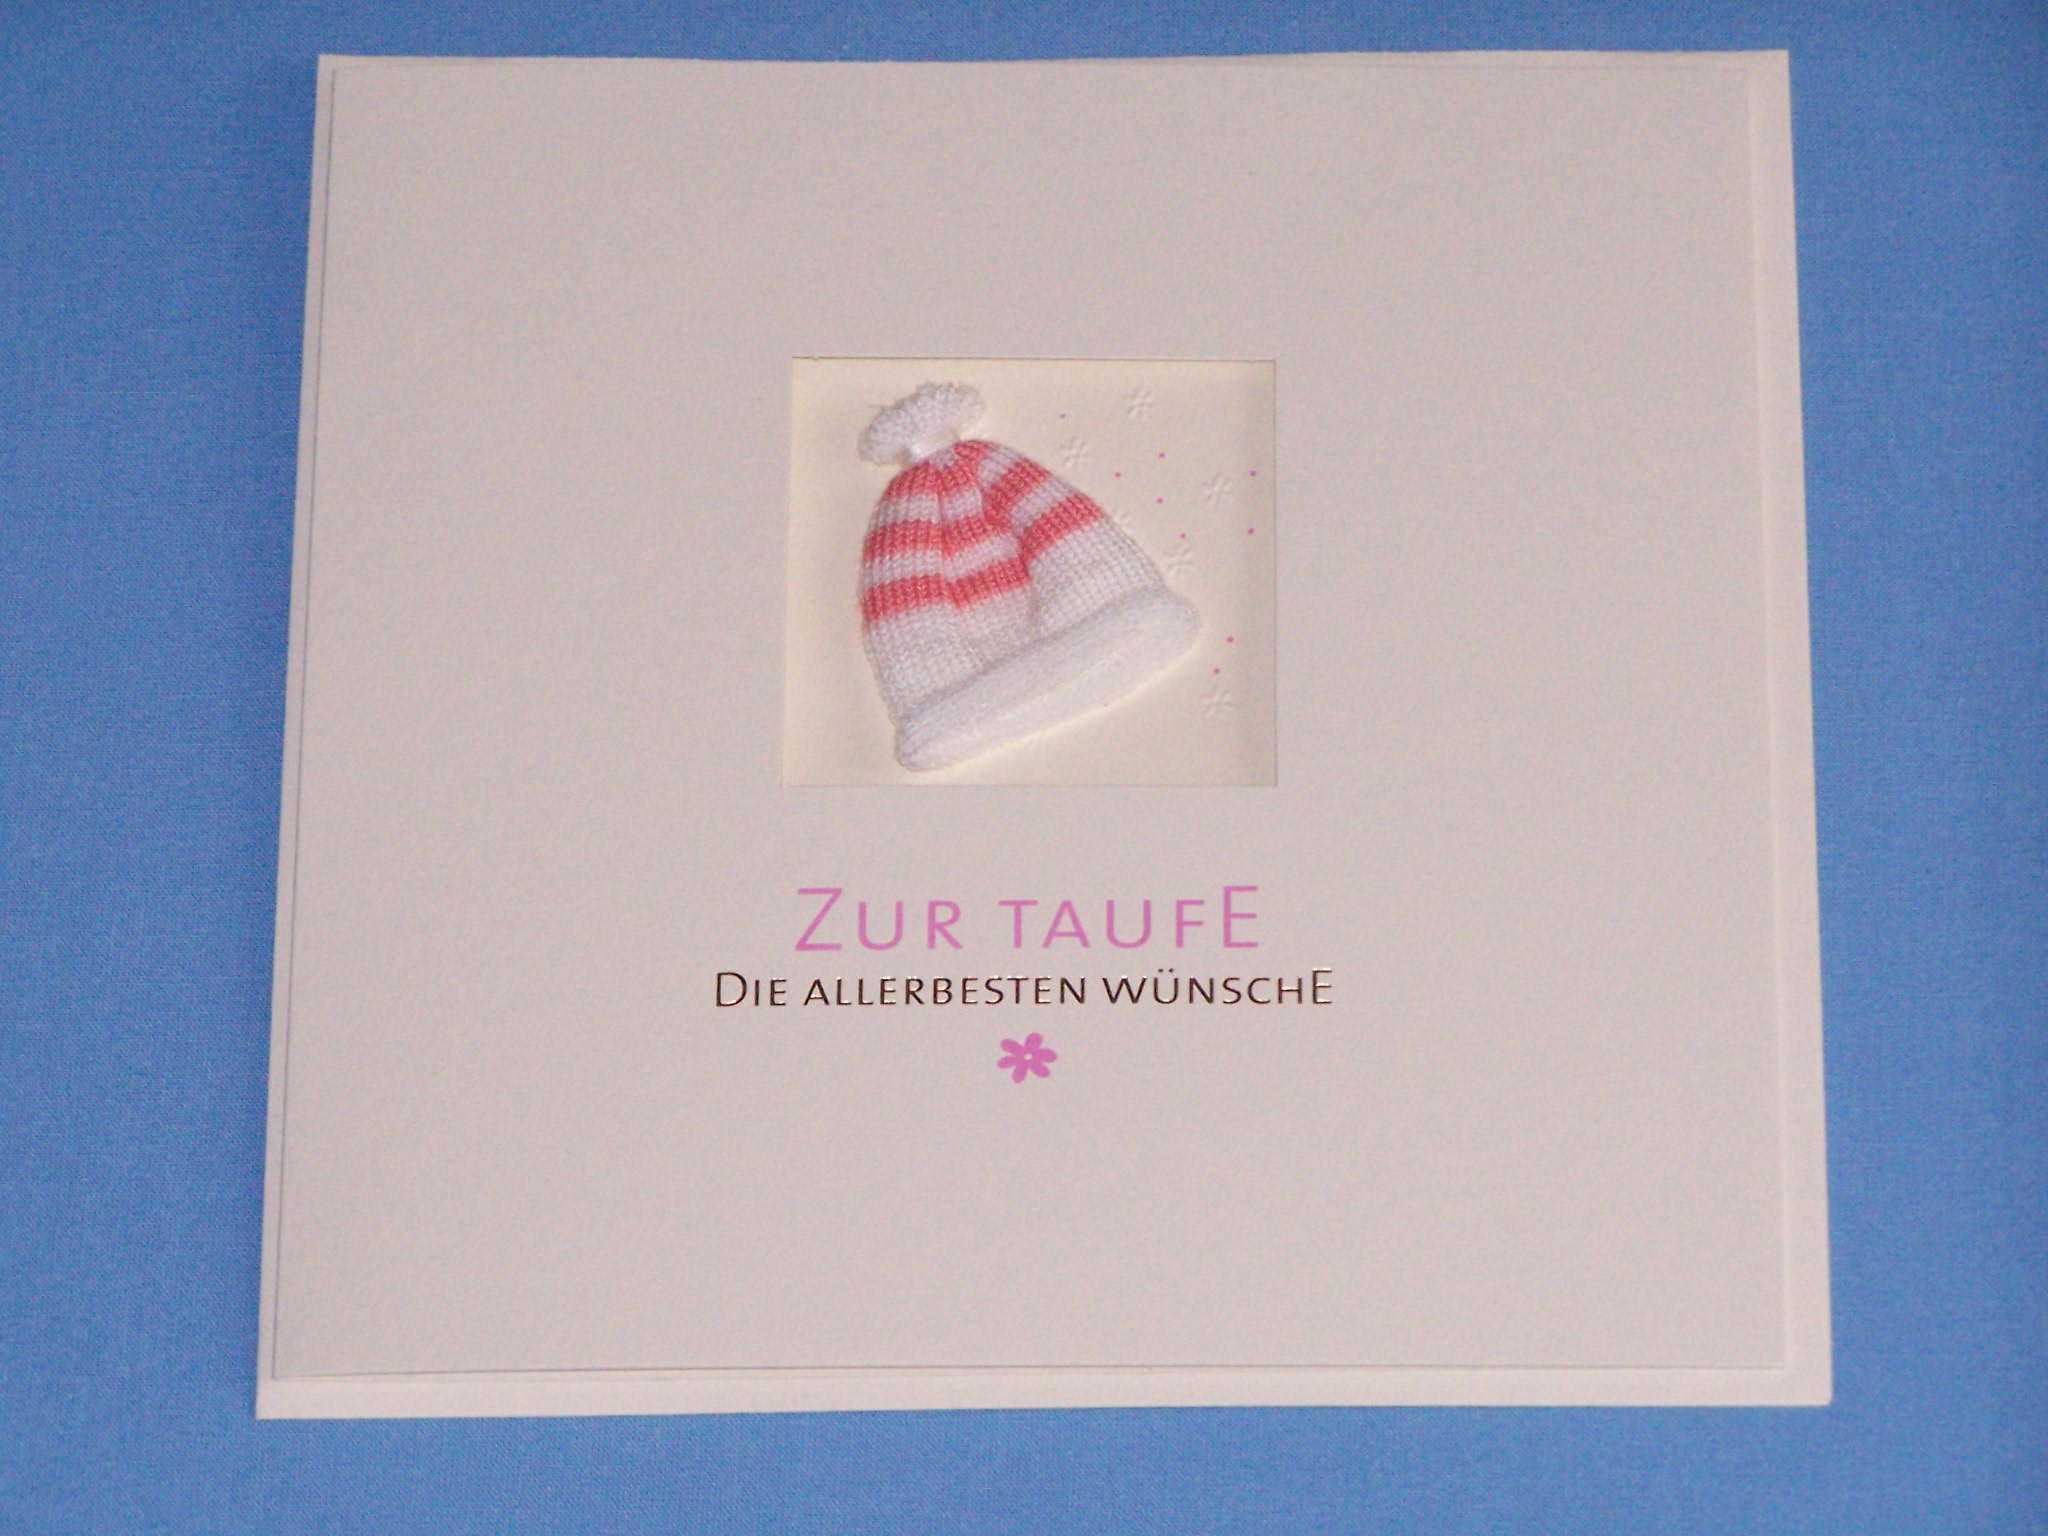 v transehe design gro karte zur taufe rosa der kleine taufladen ralf zydek. Black Bedroom Furniture Sets. Home Design Ideas